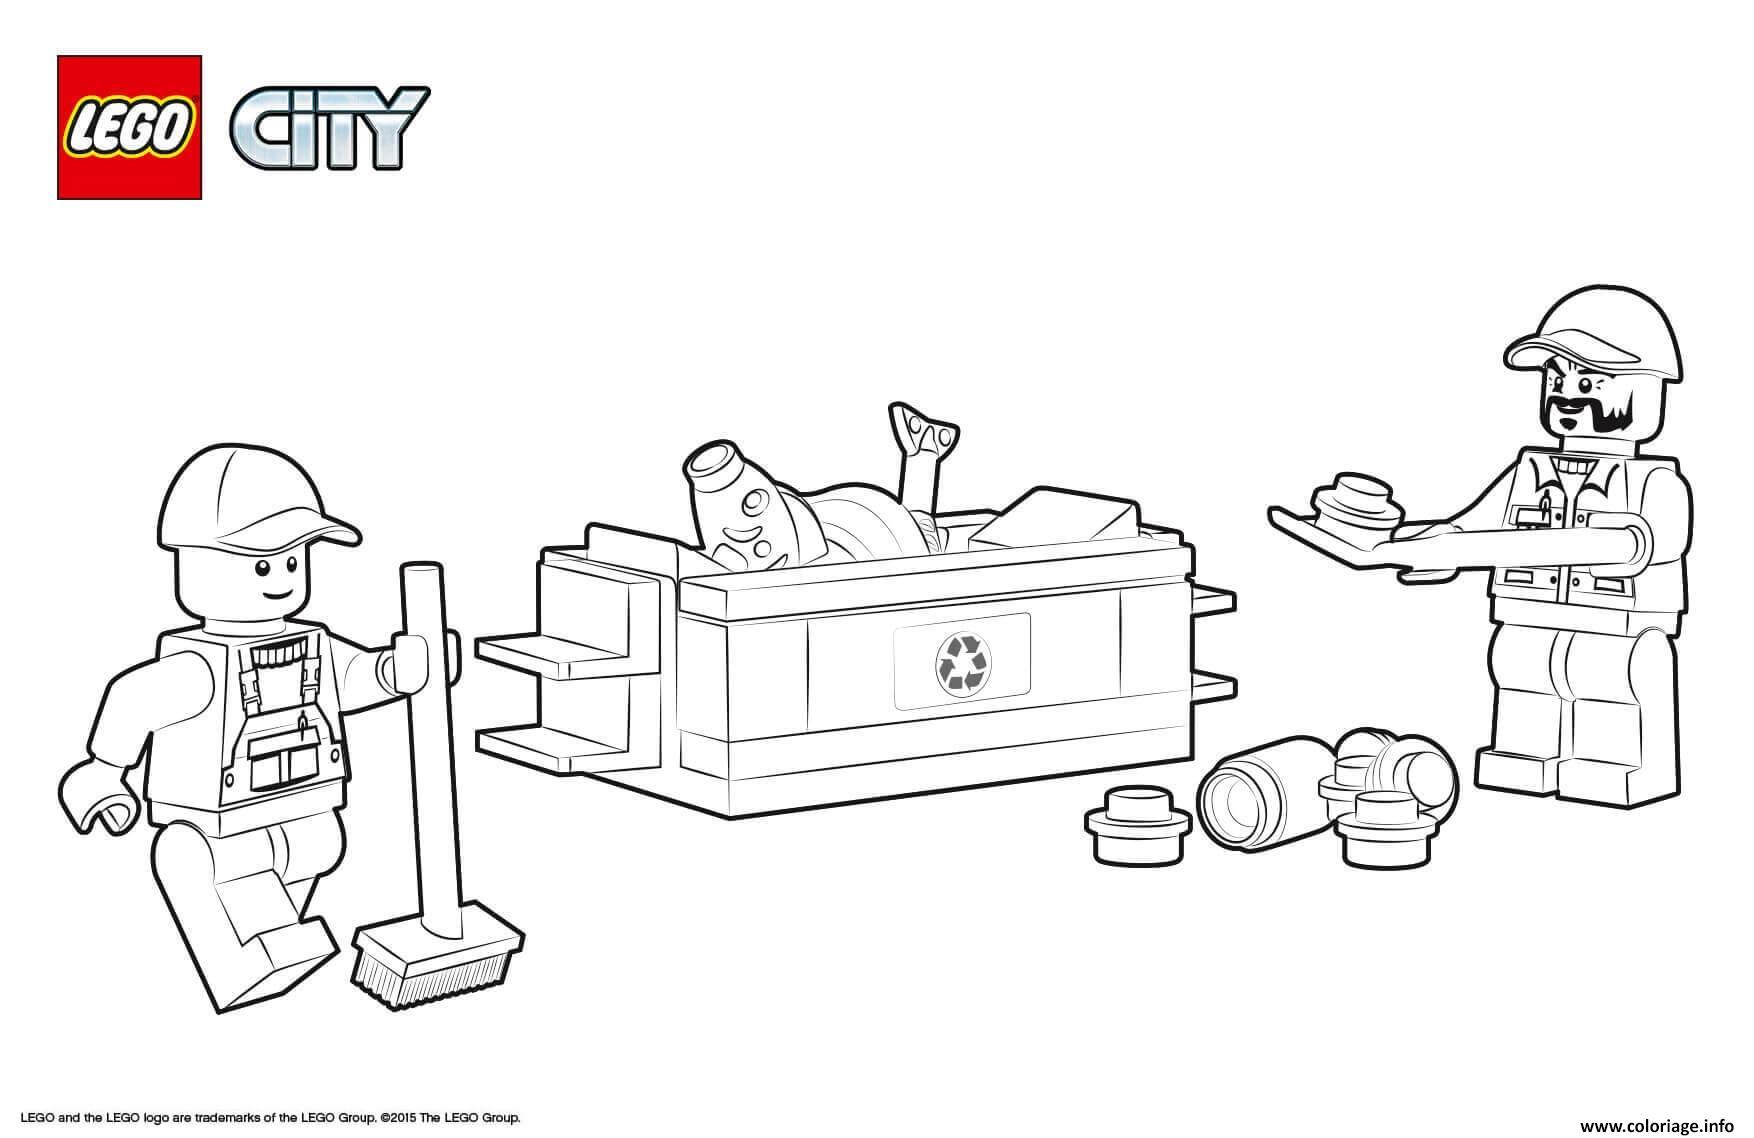 Dessin Lego City Garbage Truck Coloriage Gratuit à Imprimer